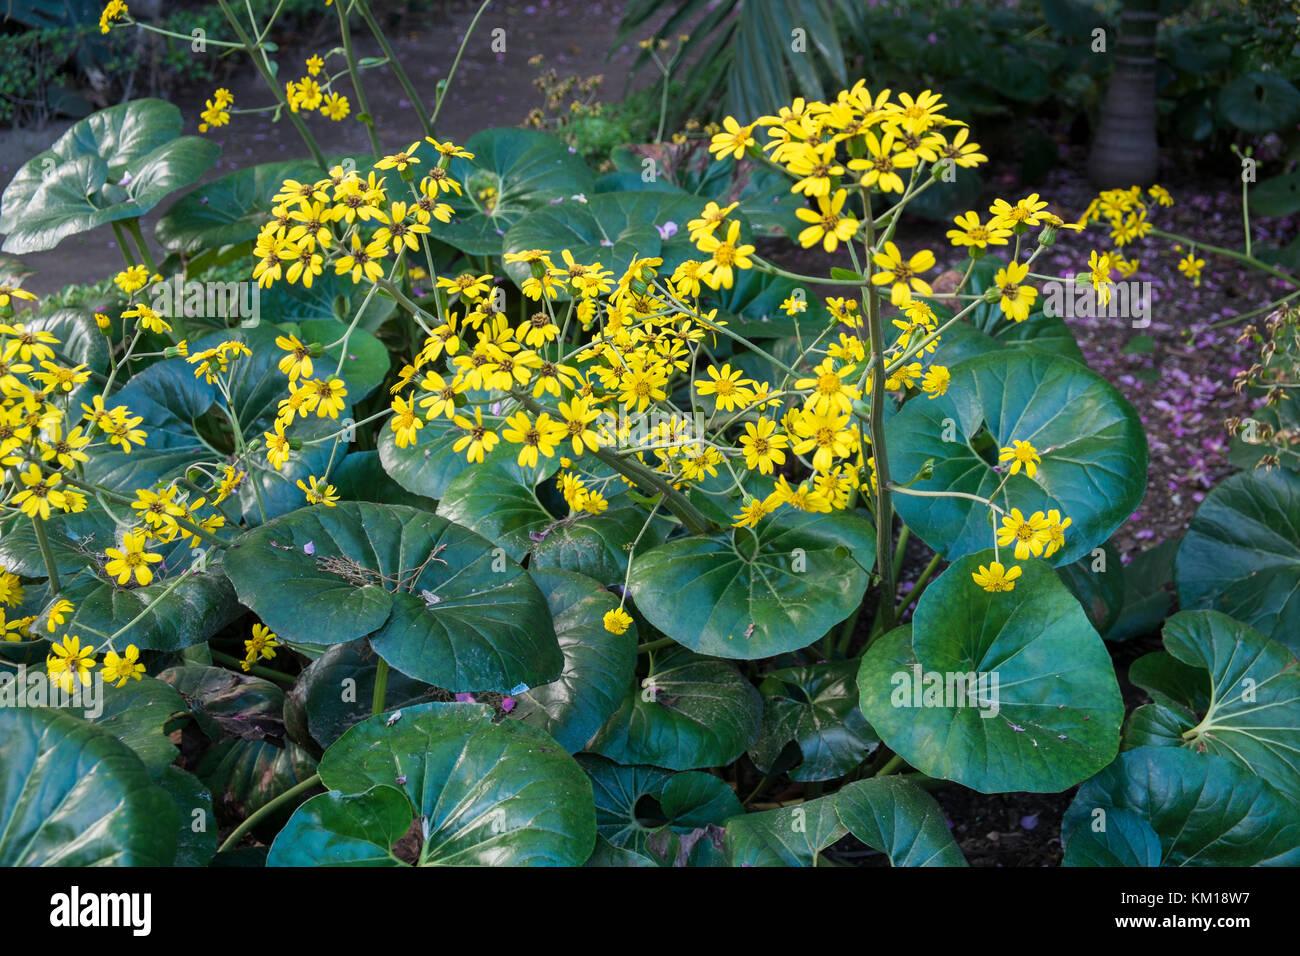 Senecio Kaempferi Stockfotos   Senecio Kaempferi Bilder - Alamy 8027fee07f7